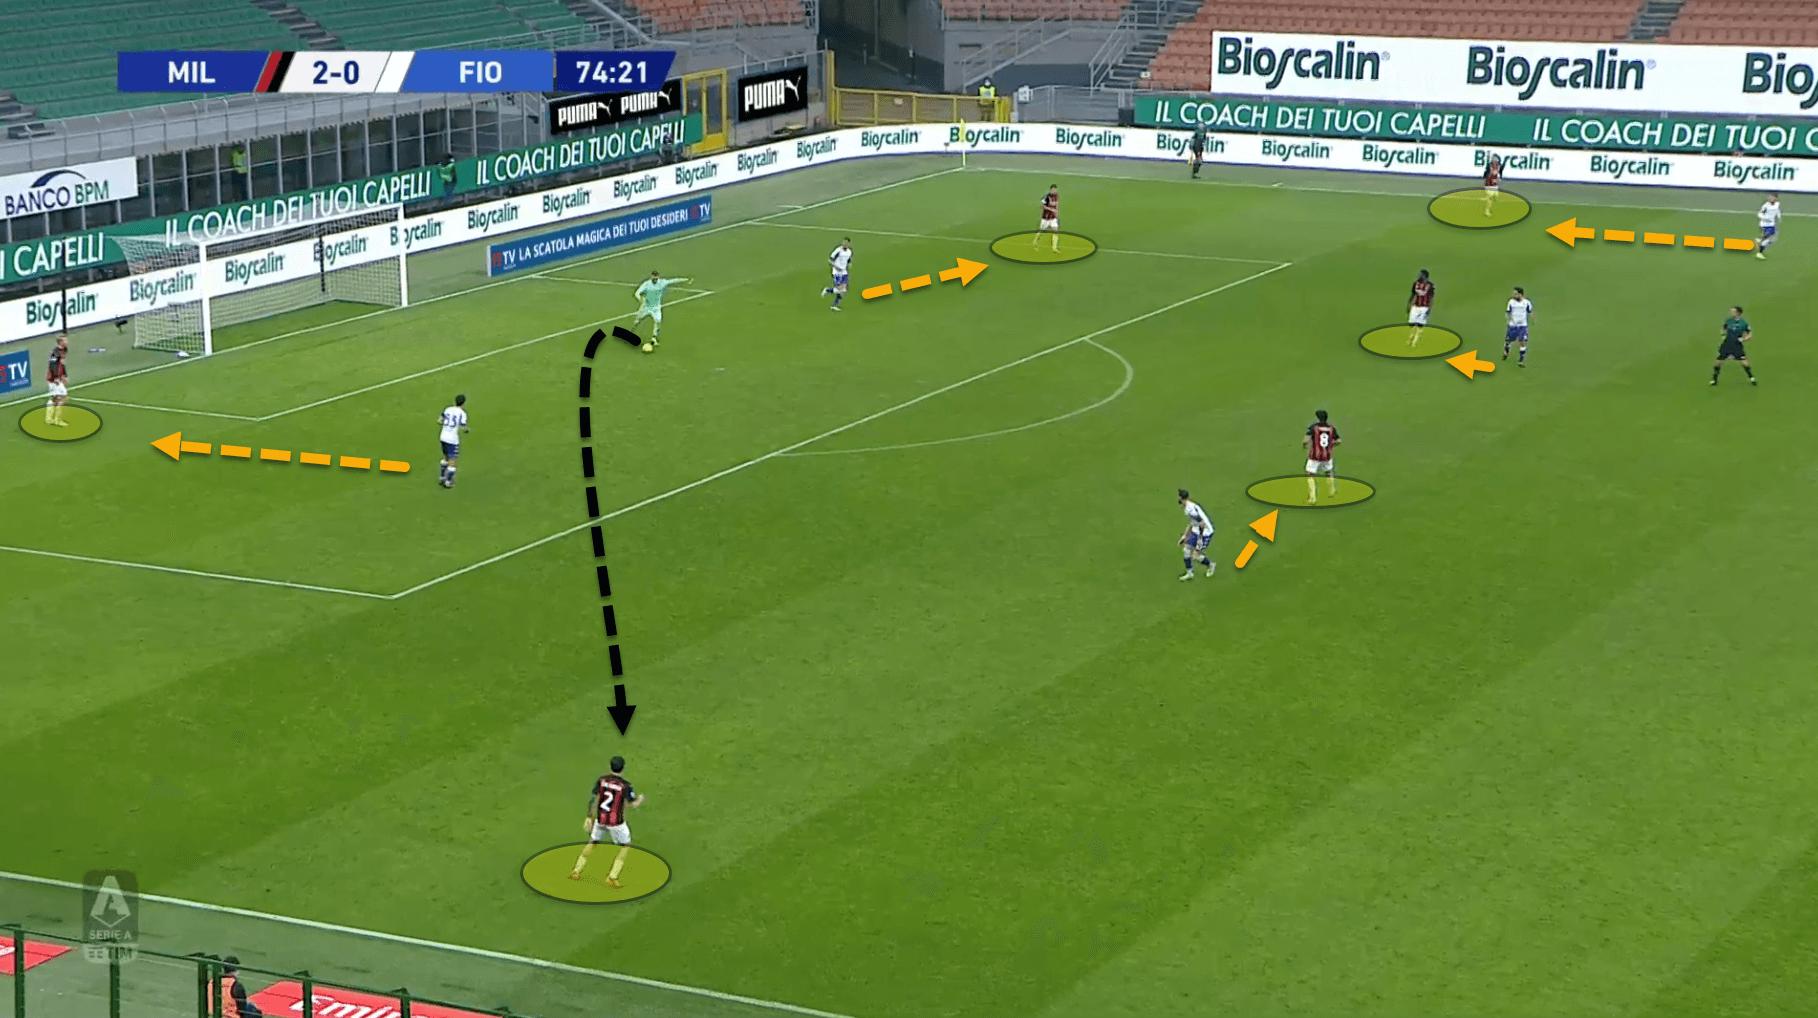 Serie A 2020/21: Milan vs Fiorentina - tactical analysis tactics